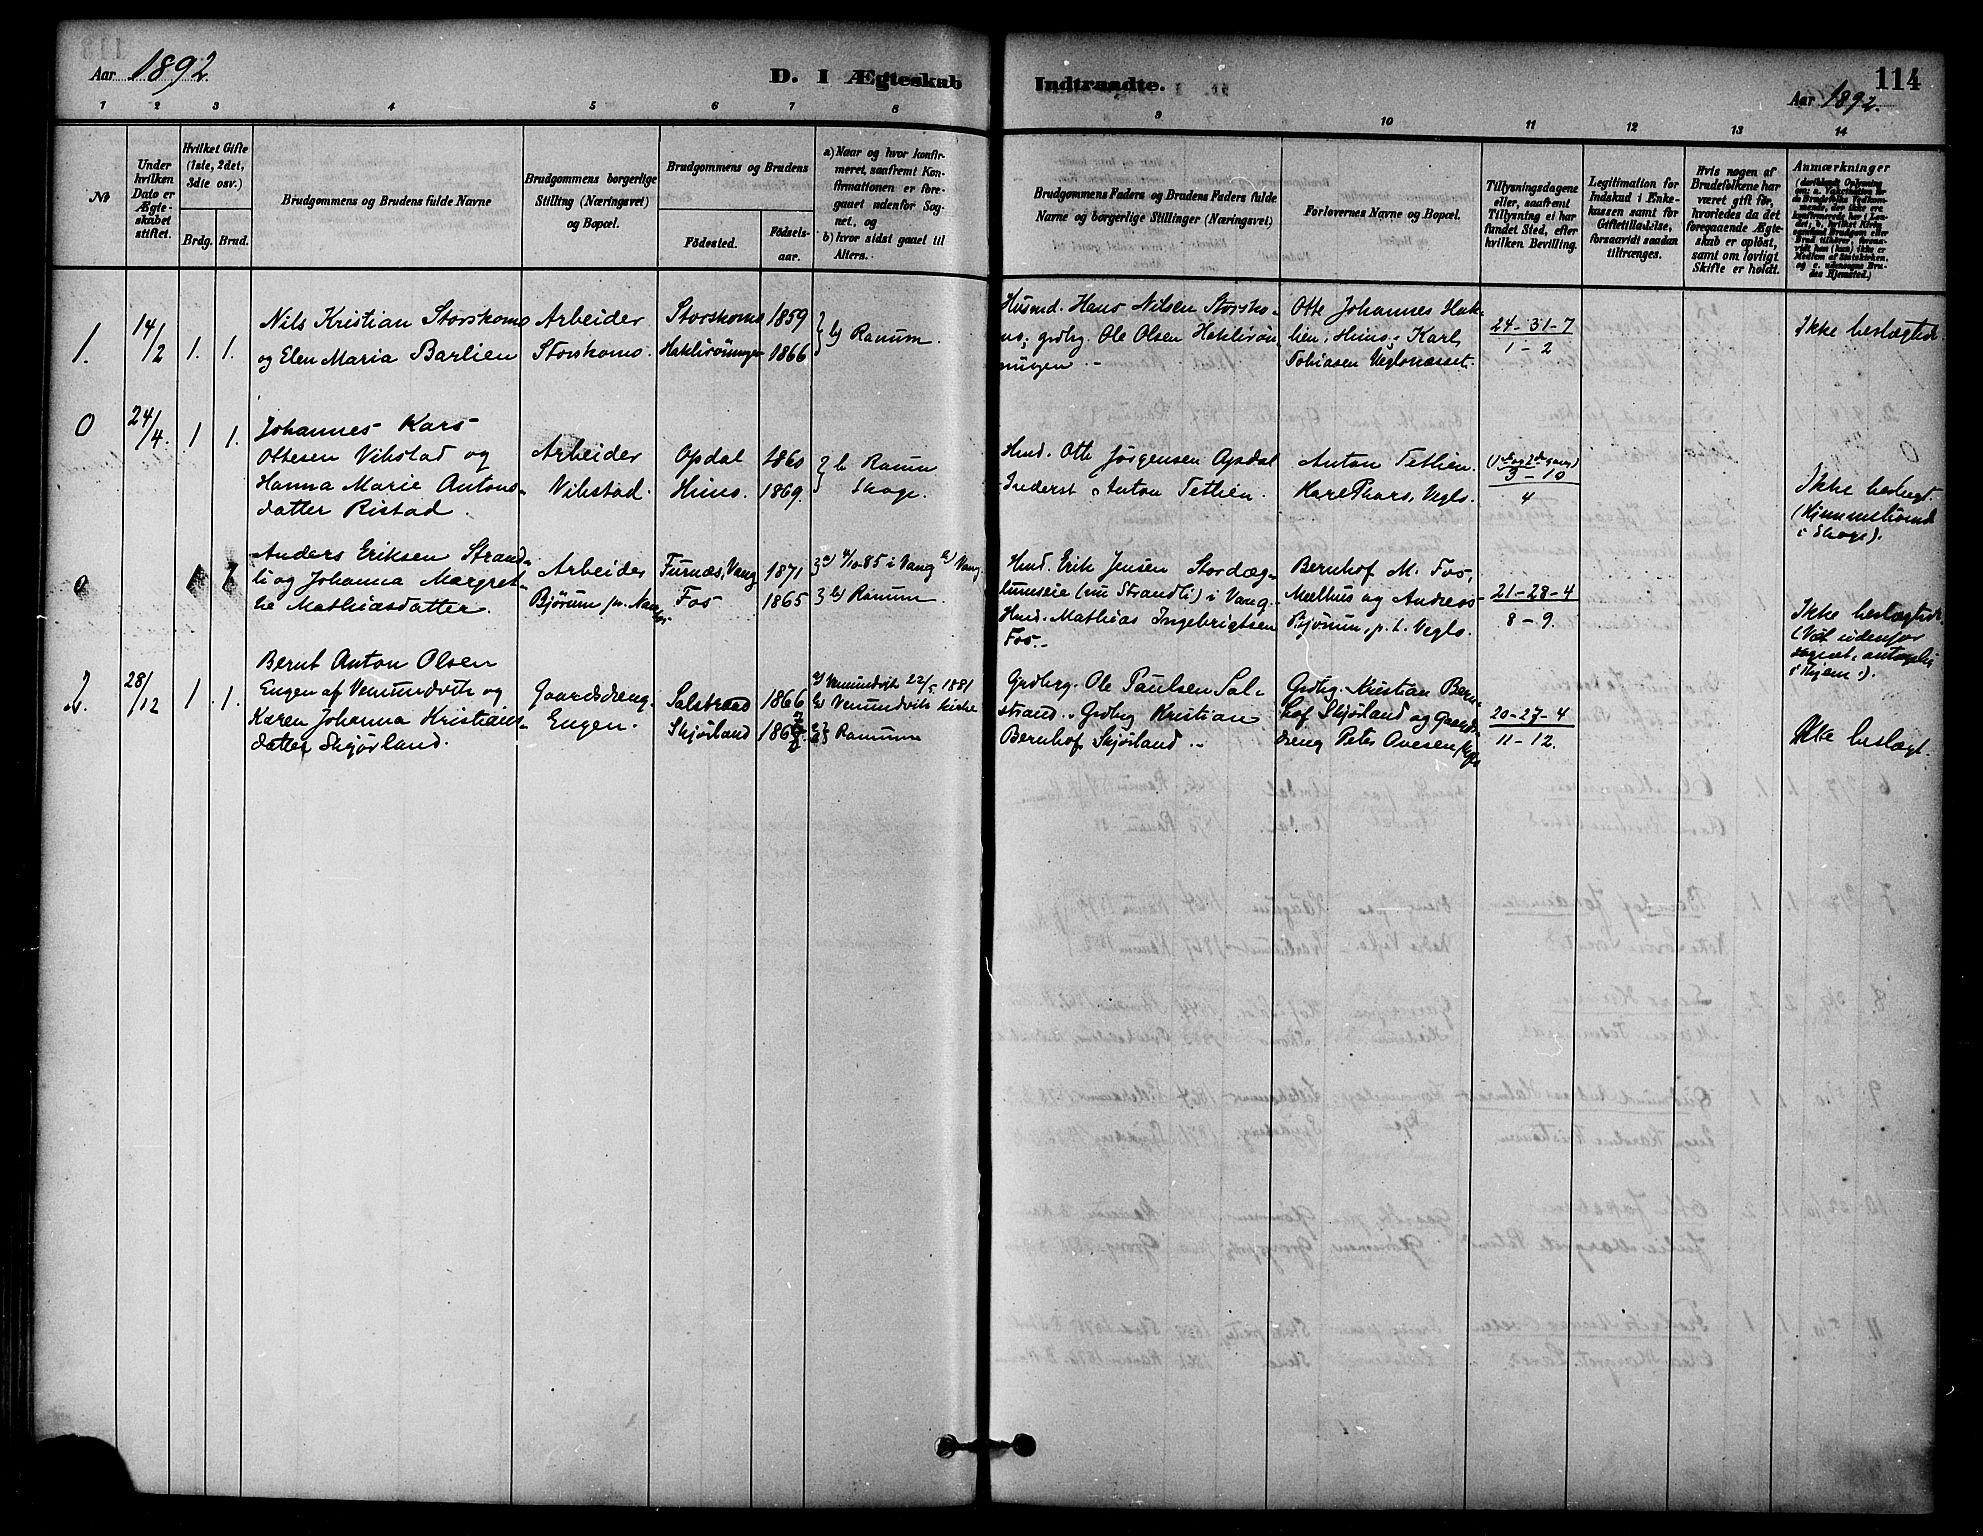 SAT, Ministerialprotokoller, klokkerbøker og fødselsregistre - Nord-Trøndelag, 764/L0555: Ministerialbok nr. 764A10, 1881-1896, s. 114